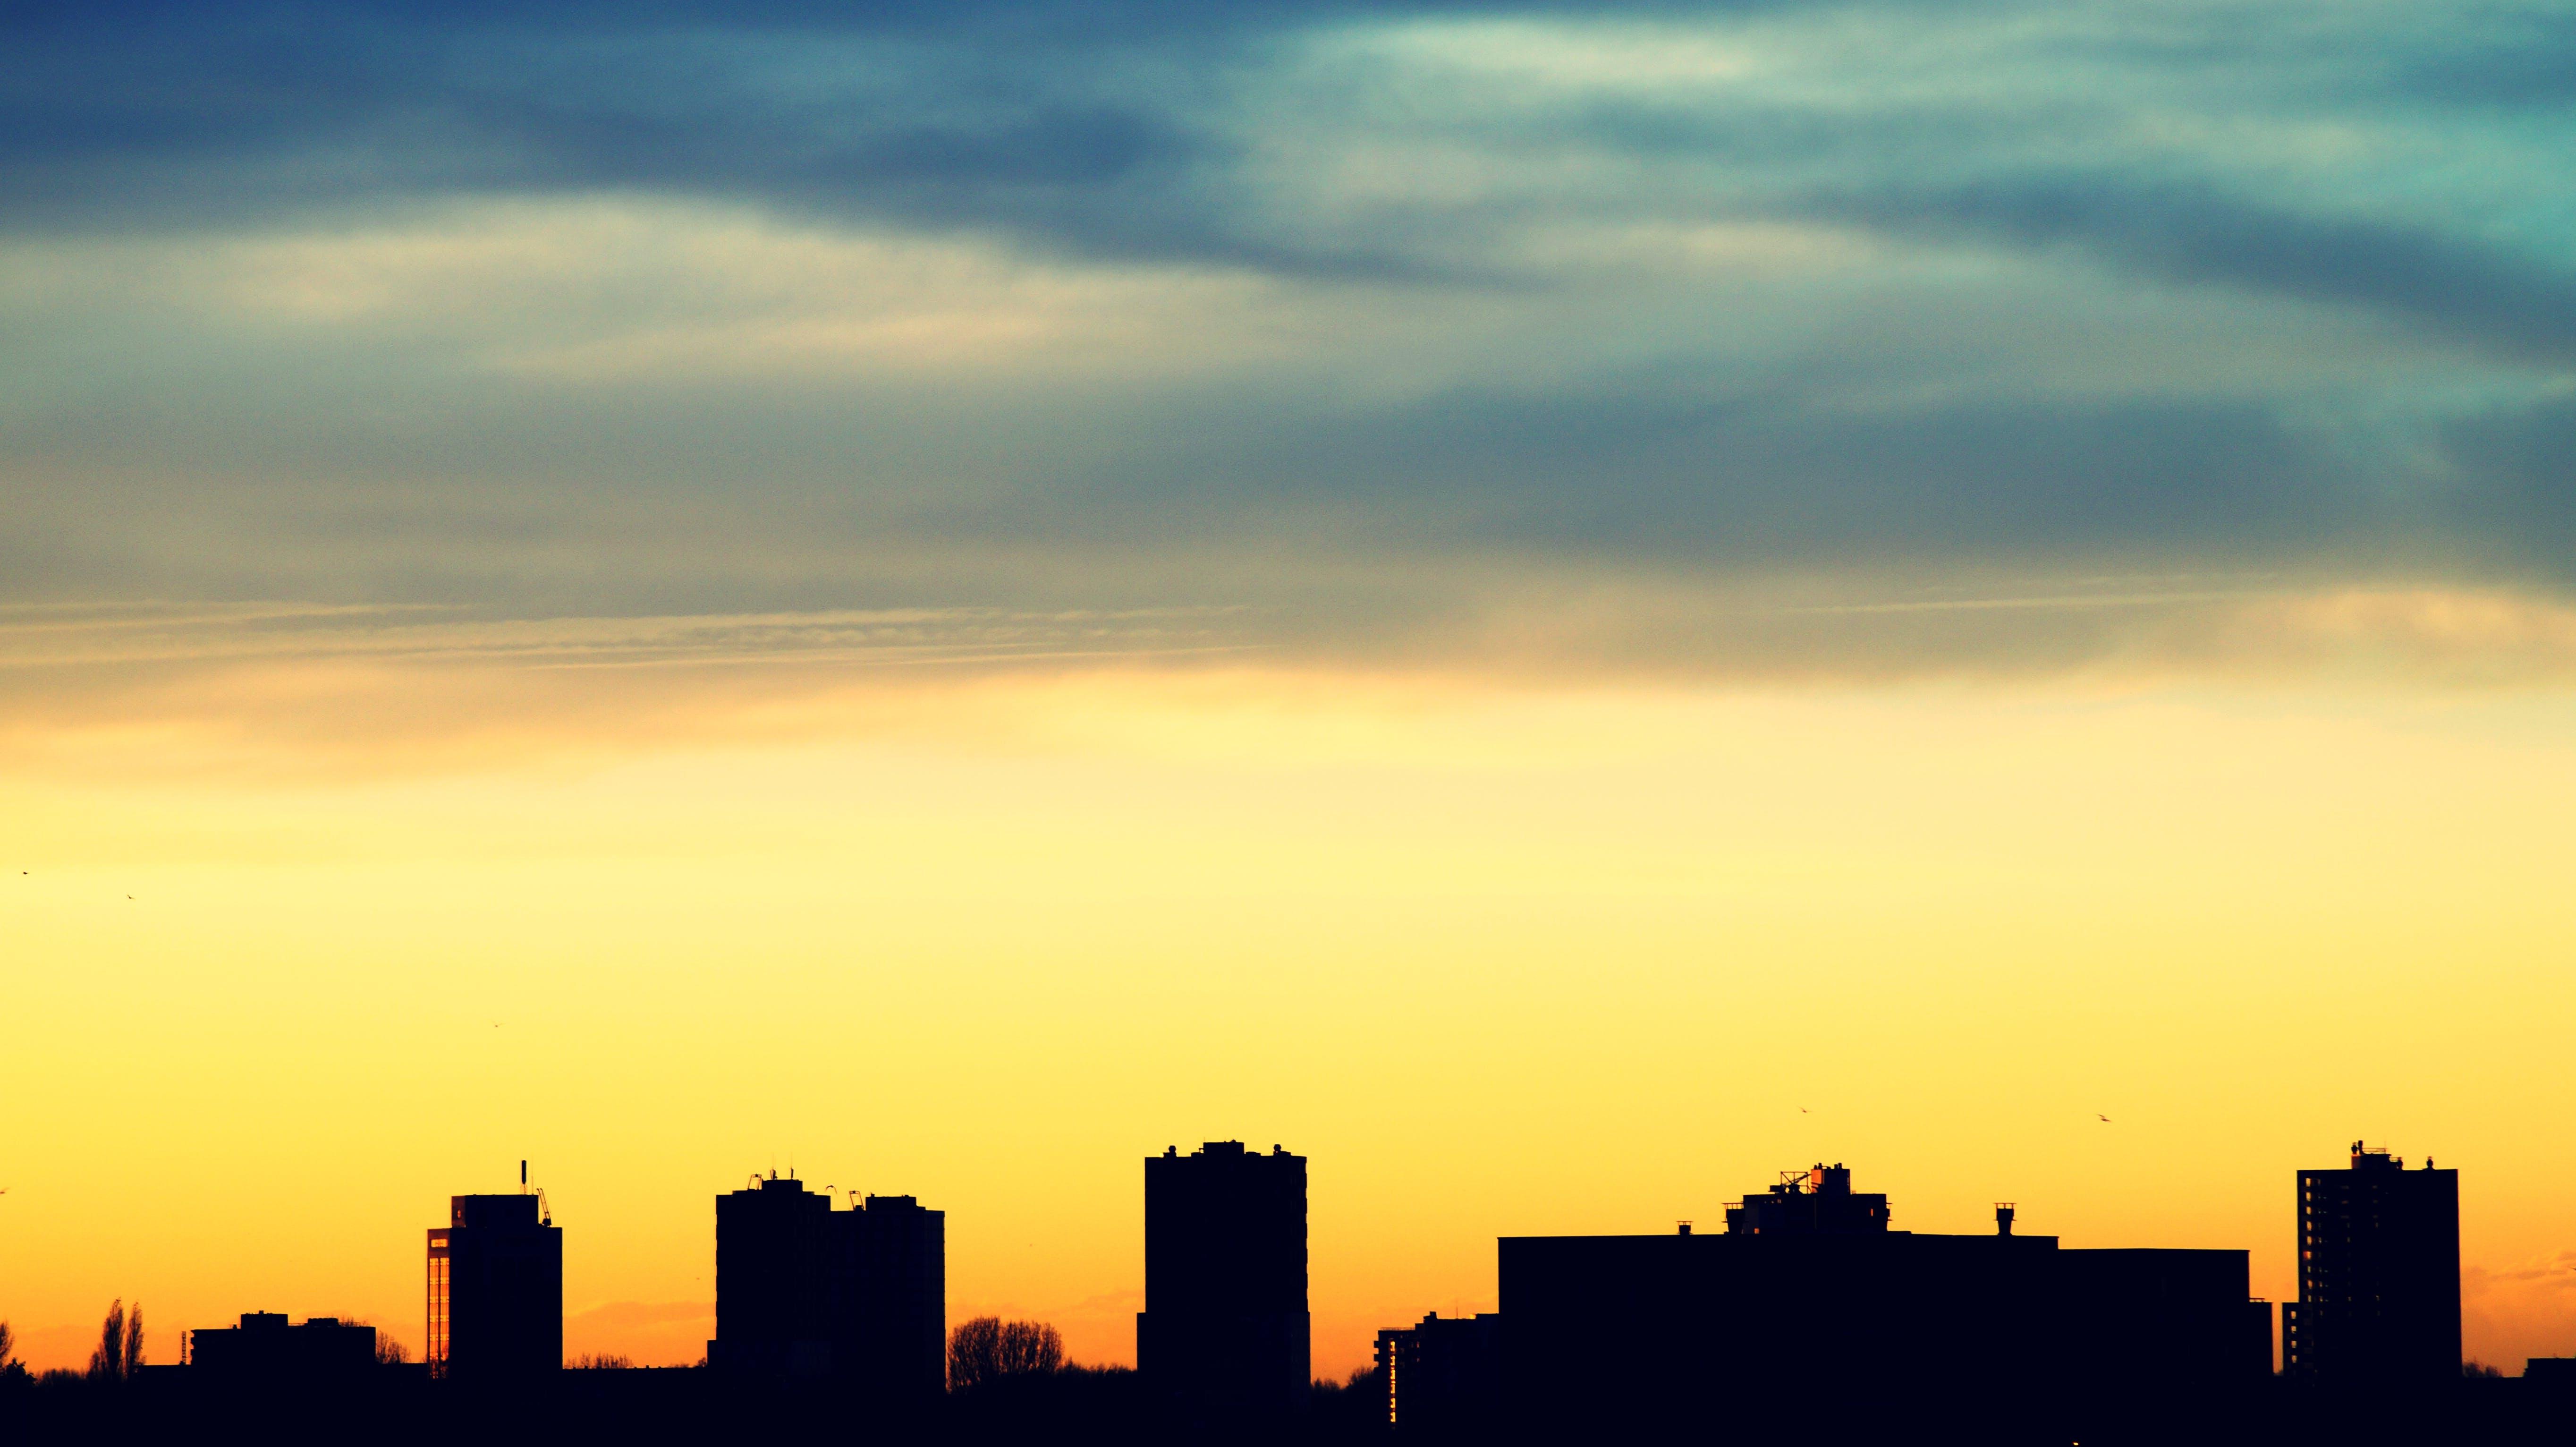 architecture, backlit, buildings